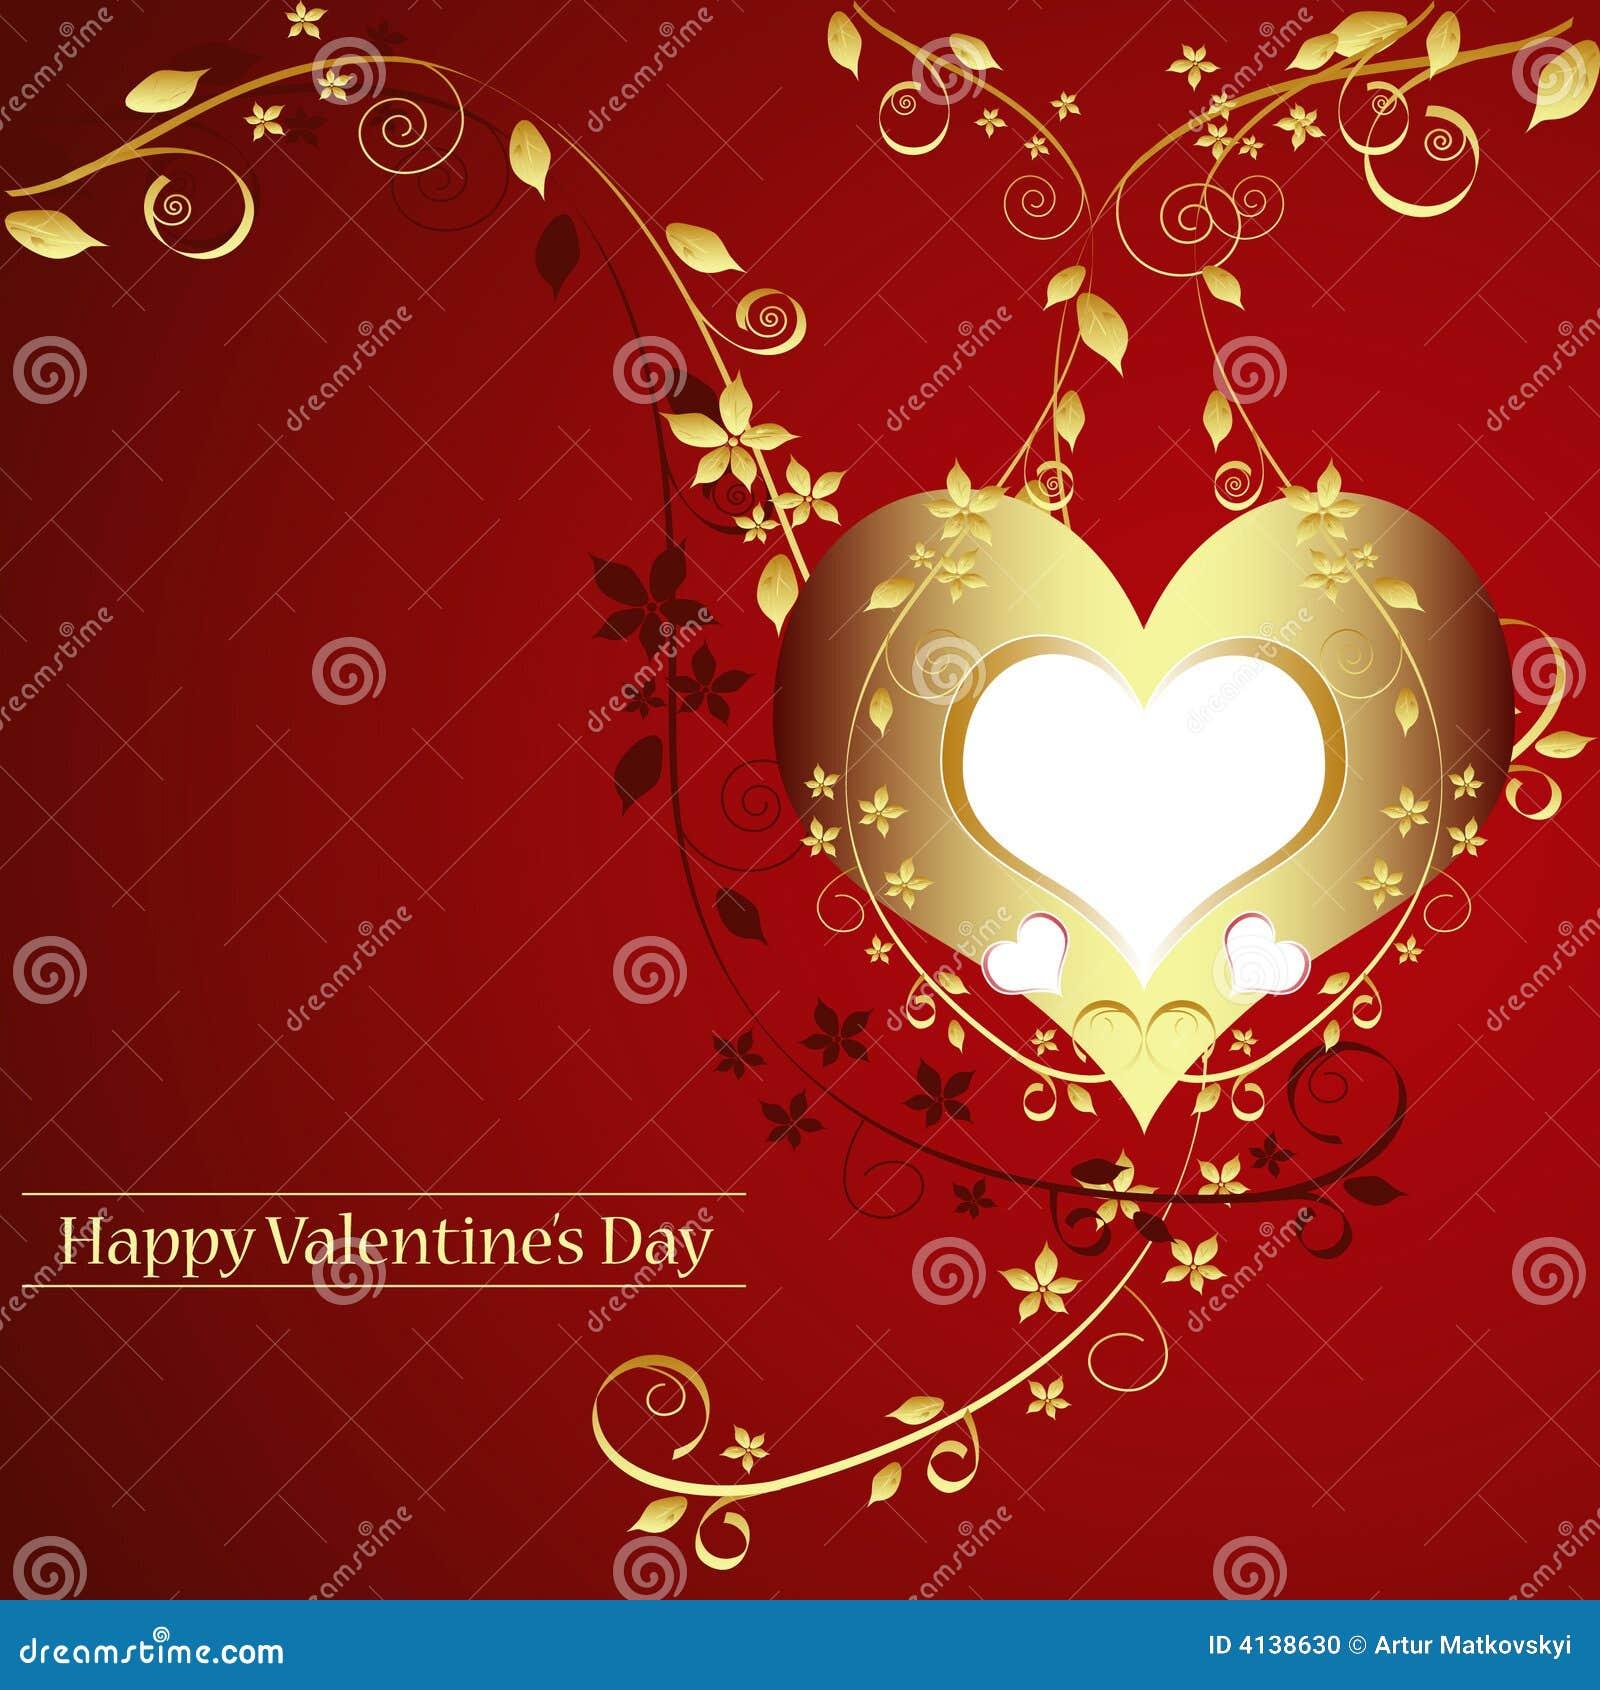 Golden Valentines Card Photo Image 4138630 – Valentine S Card